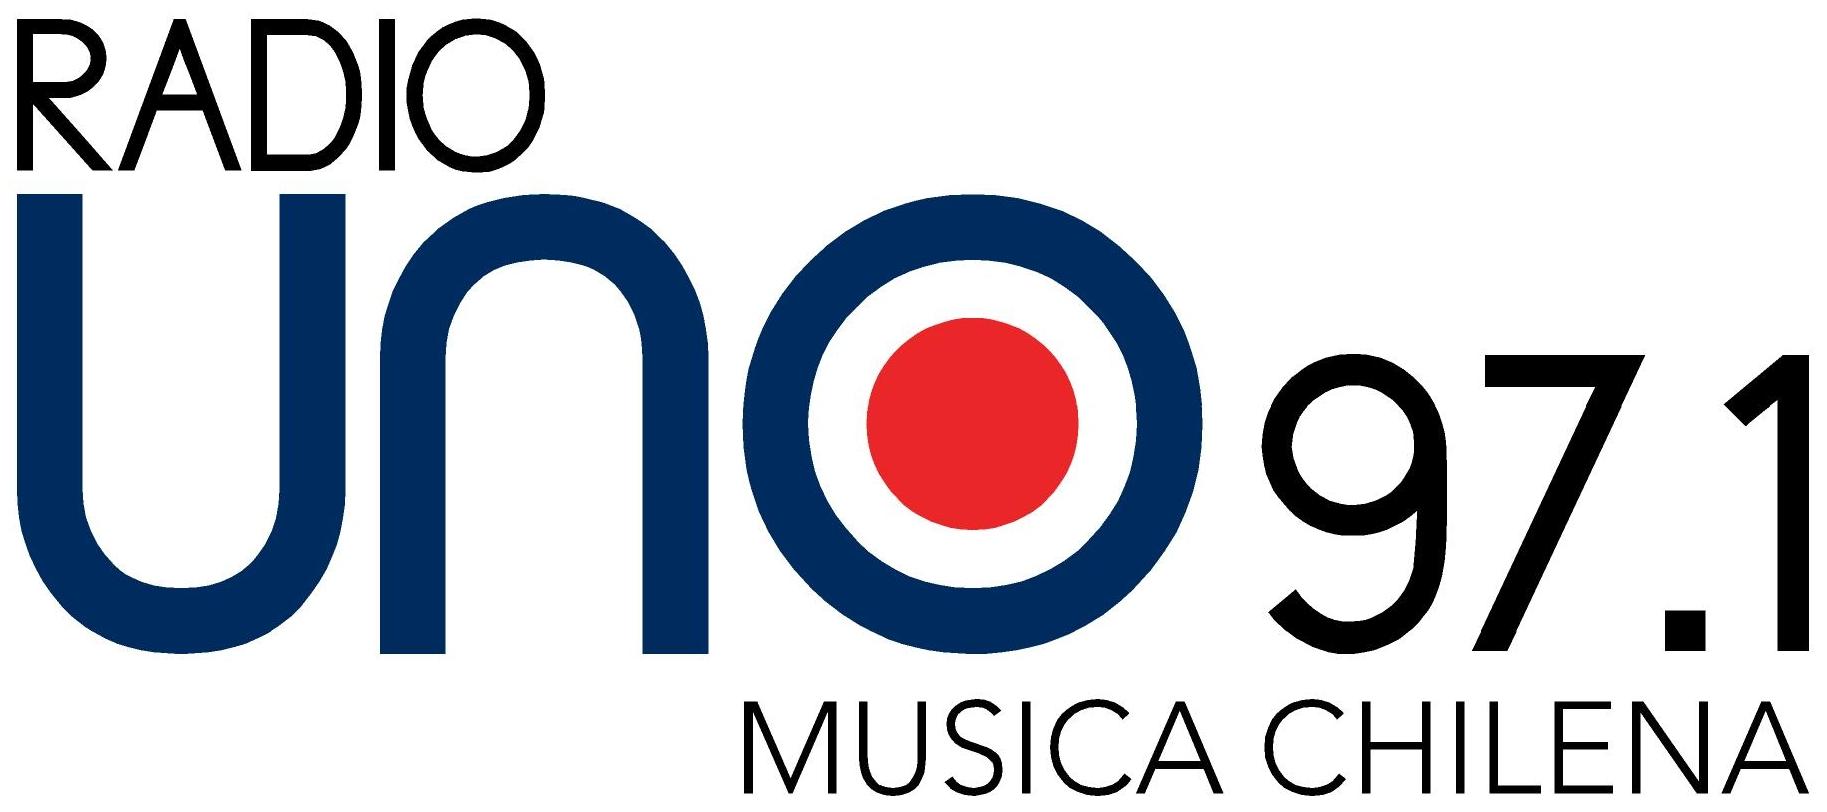 Radio Uno (Chile)